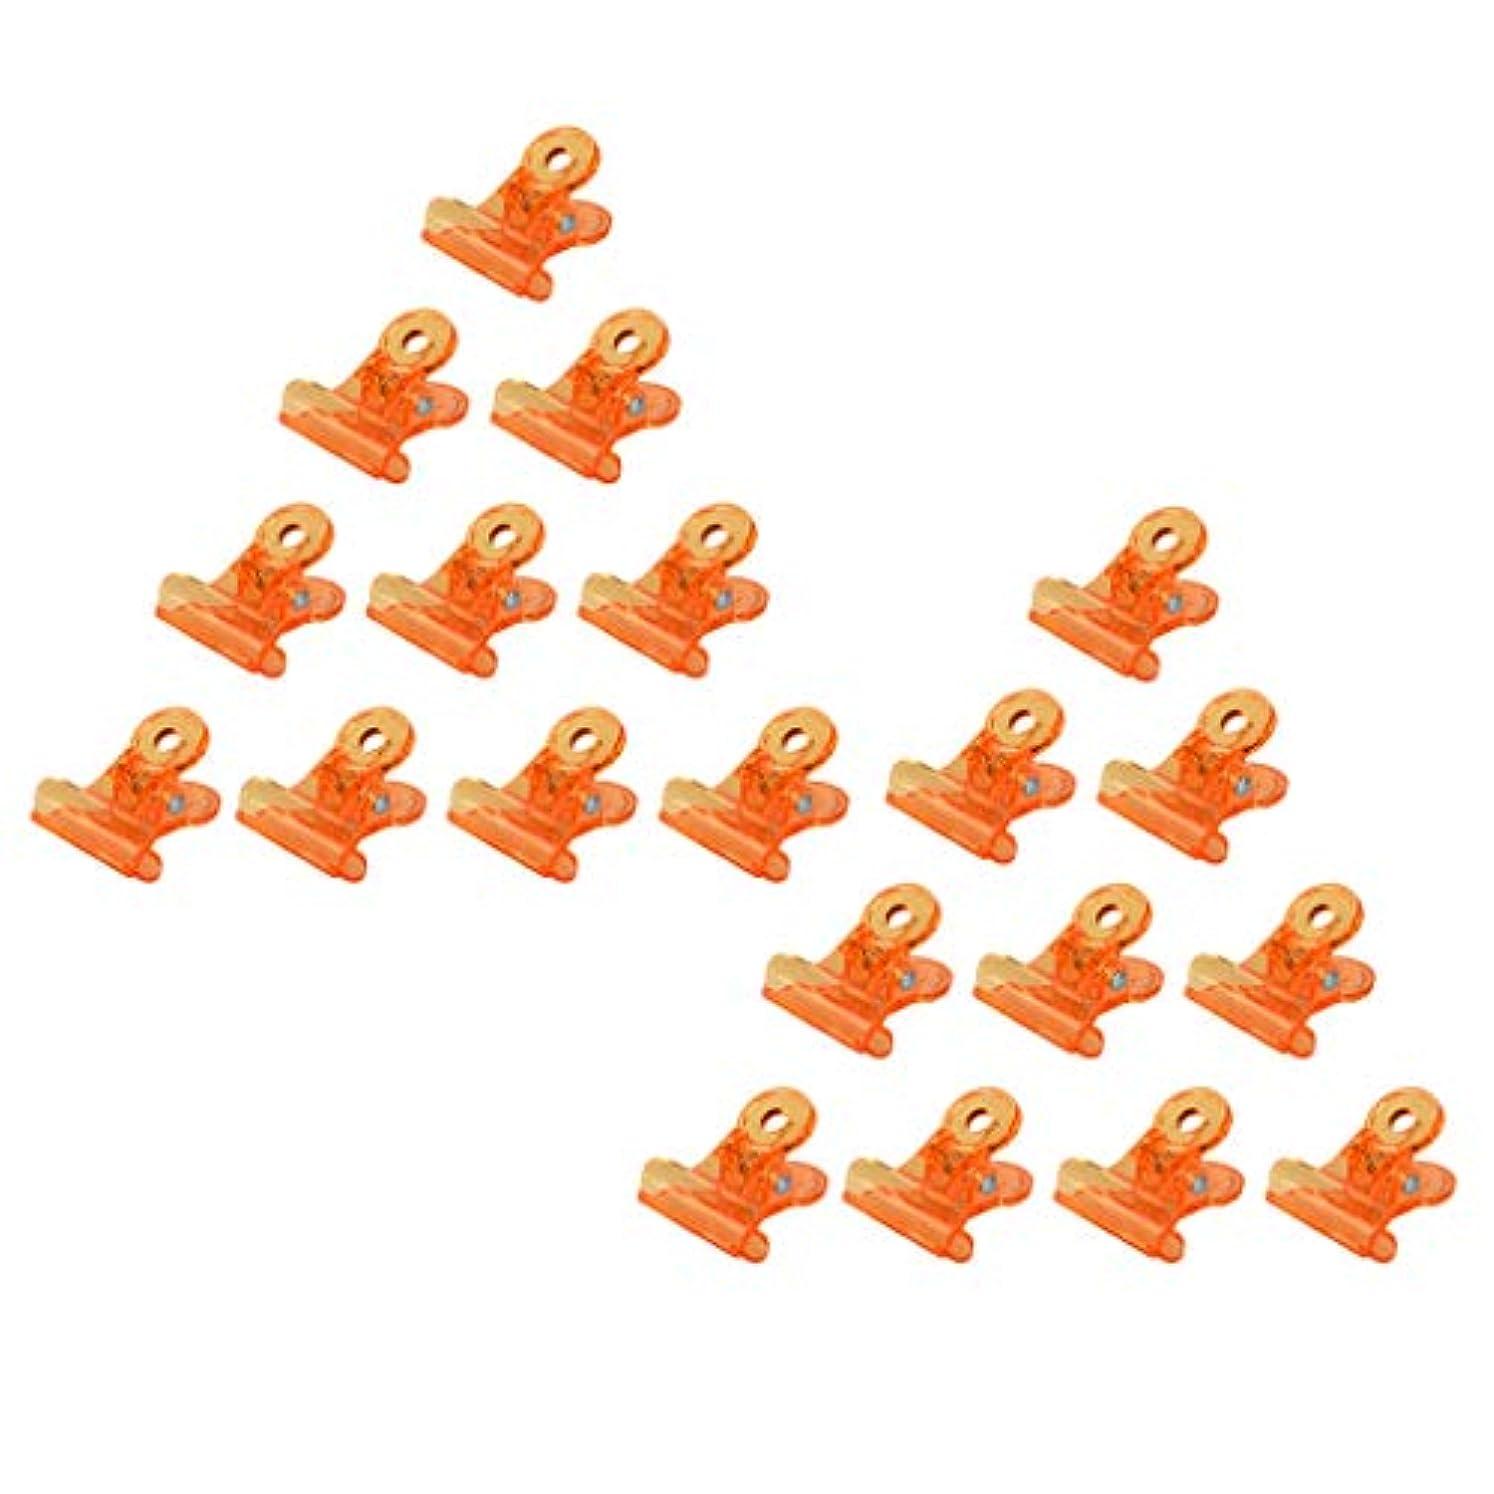 飾り羽ミリメートル出会いToygogo 20xプレミアムオレンジソークオフジェルネイルアートラップクリップマニキュアリムーバークリップ